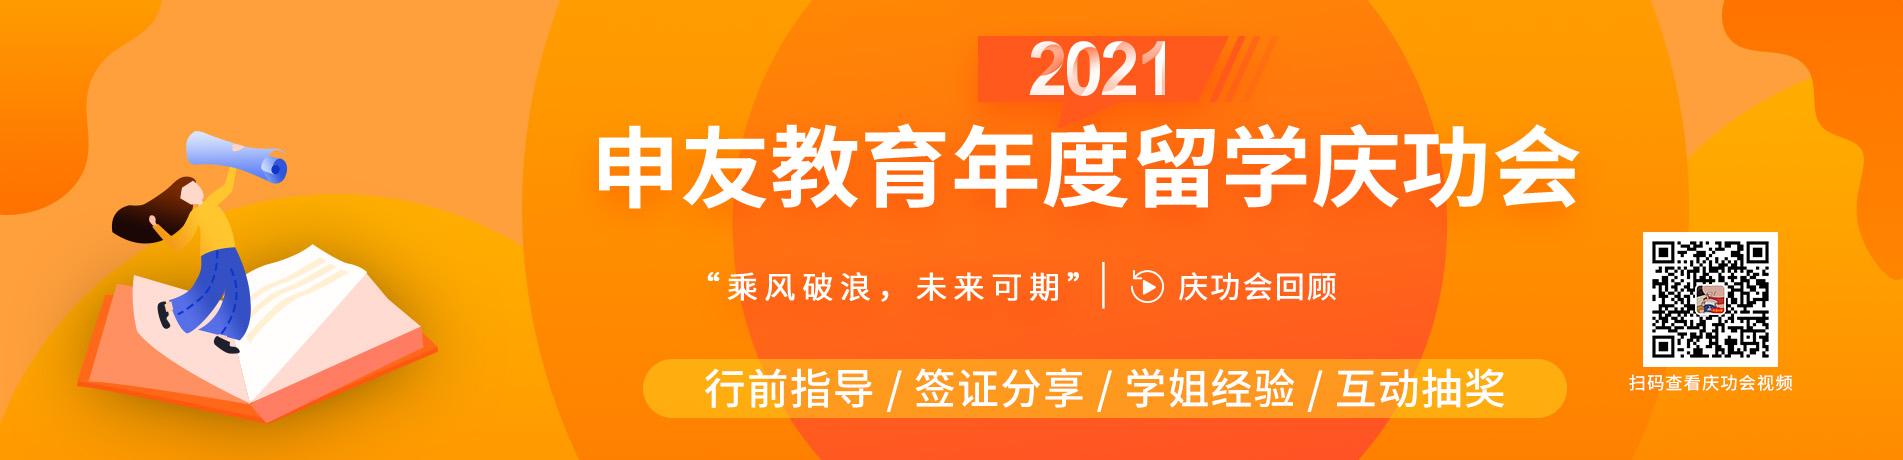 2021申友教育年度留学庆功会